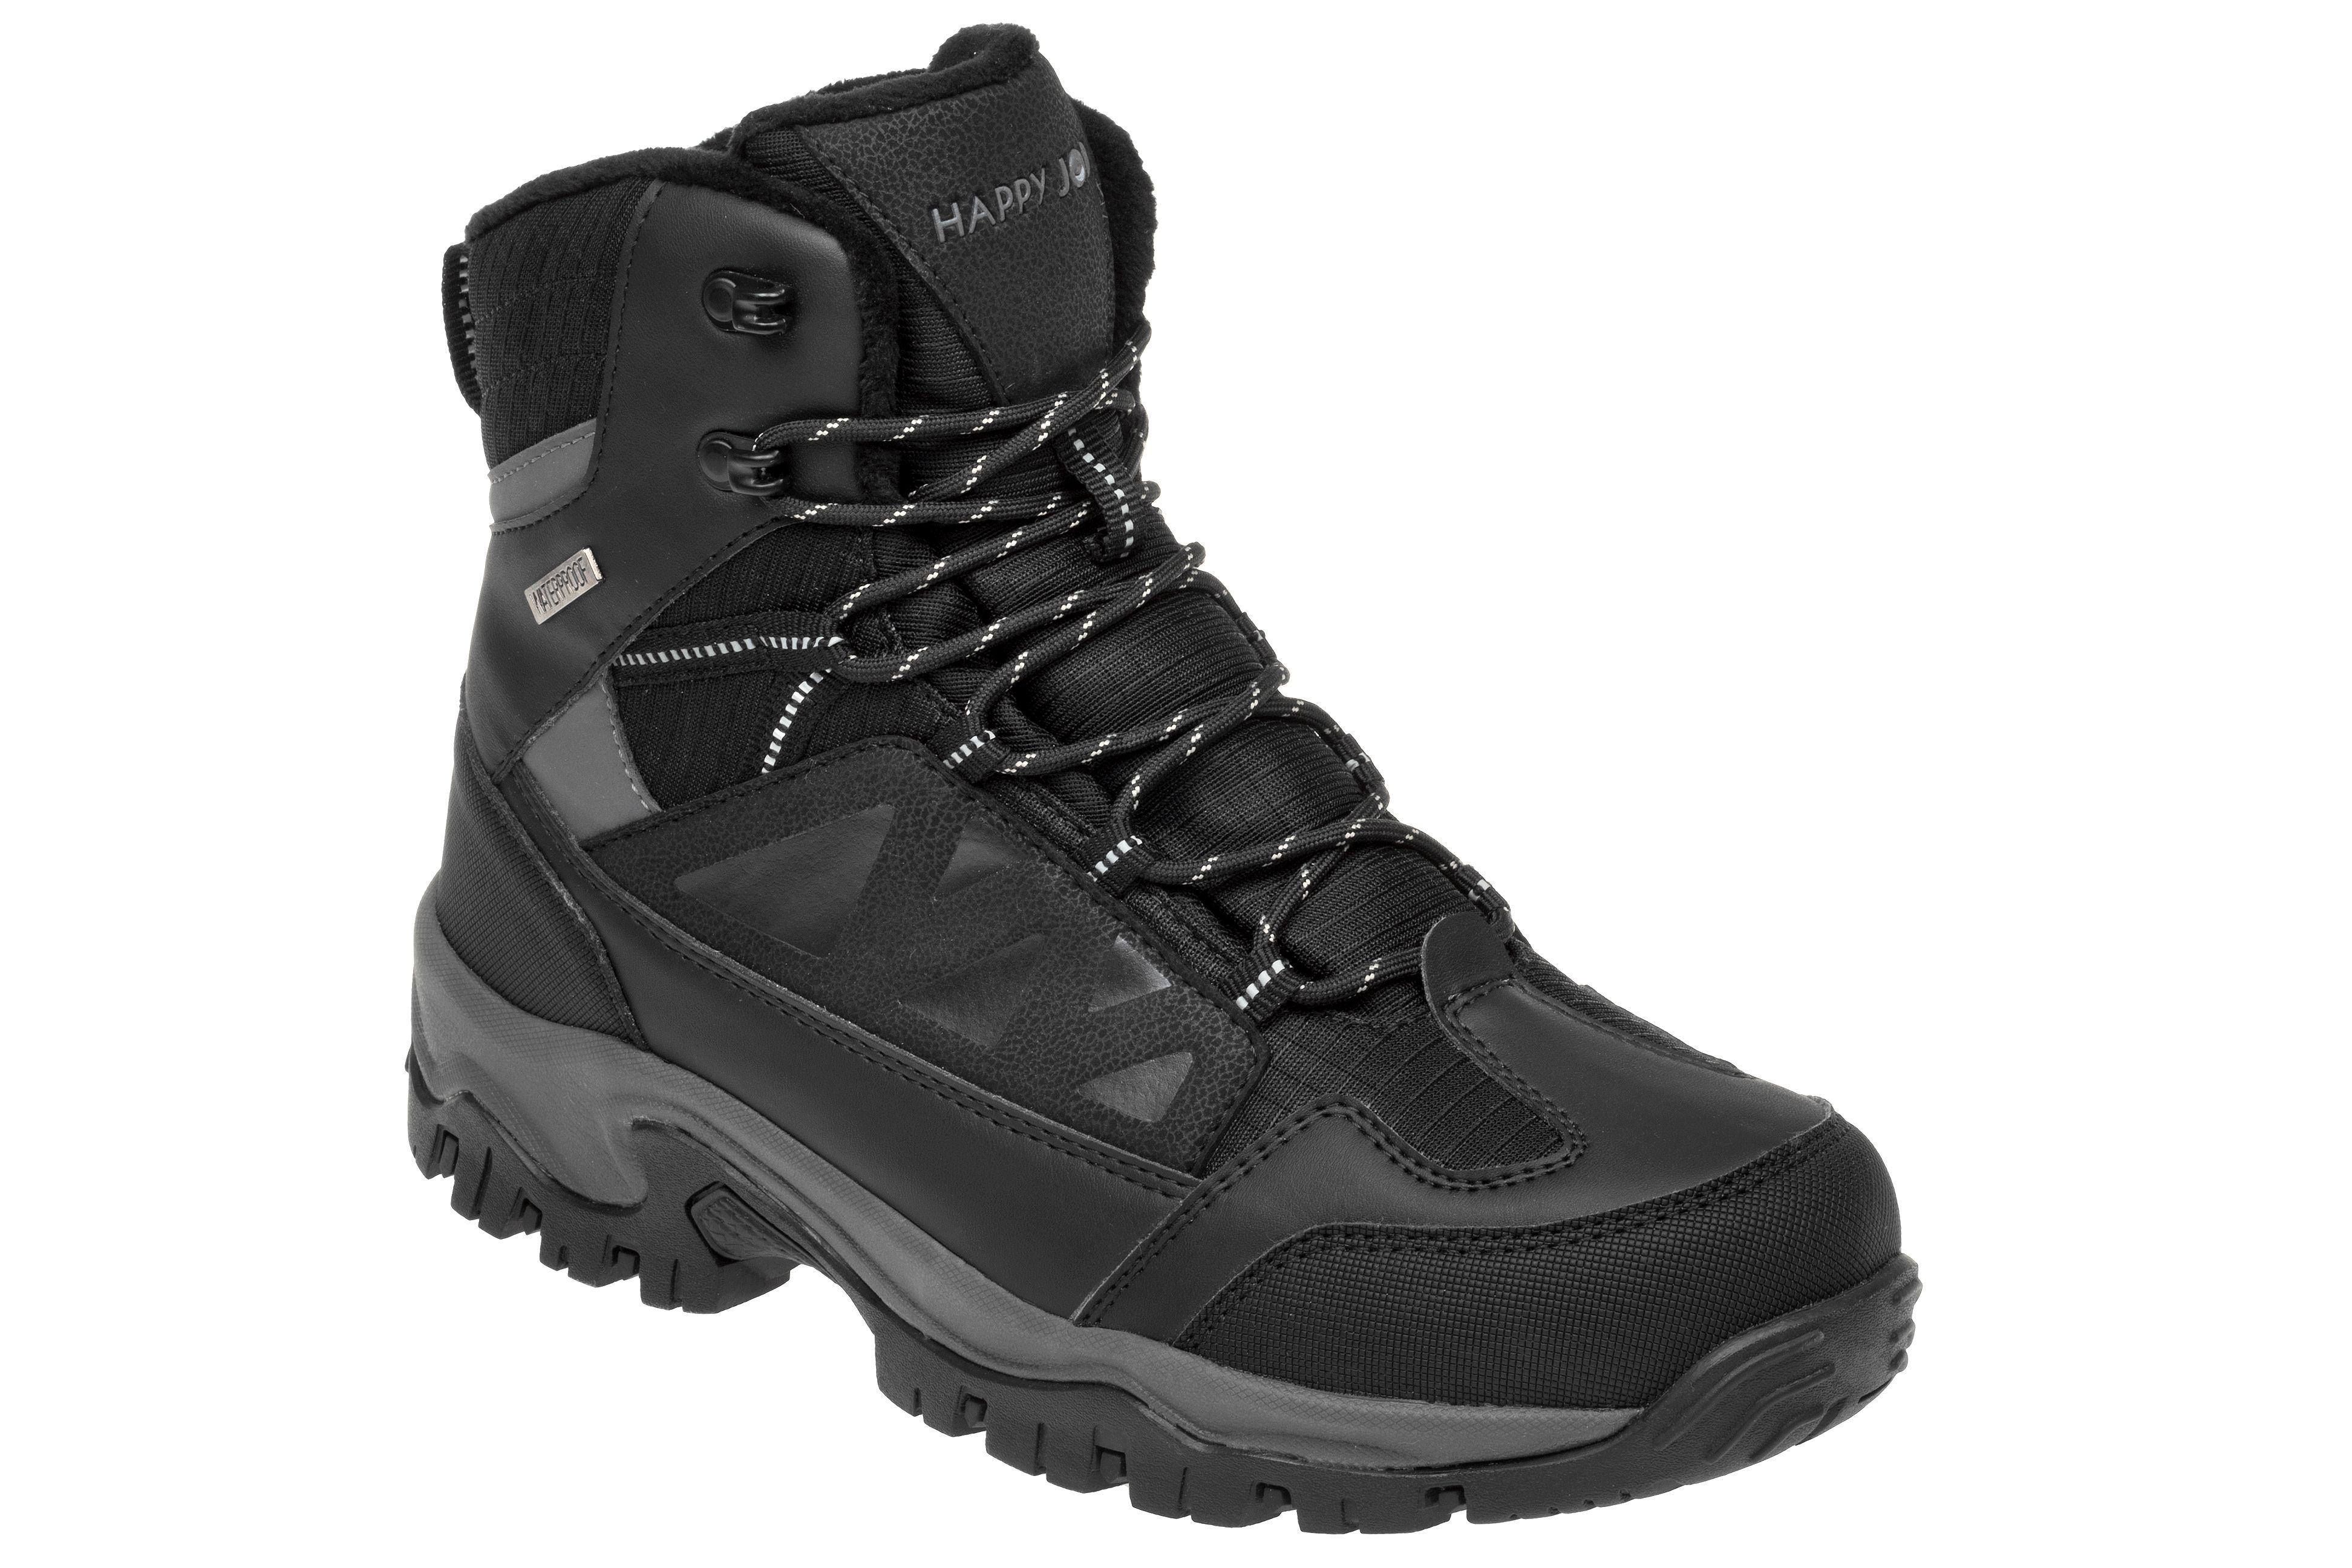 PANAMA 85015 obuv zimní prac. 39